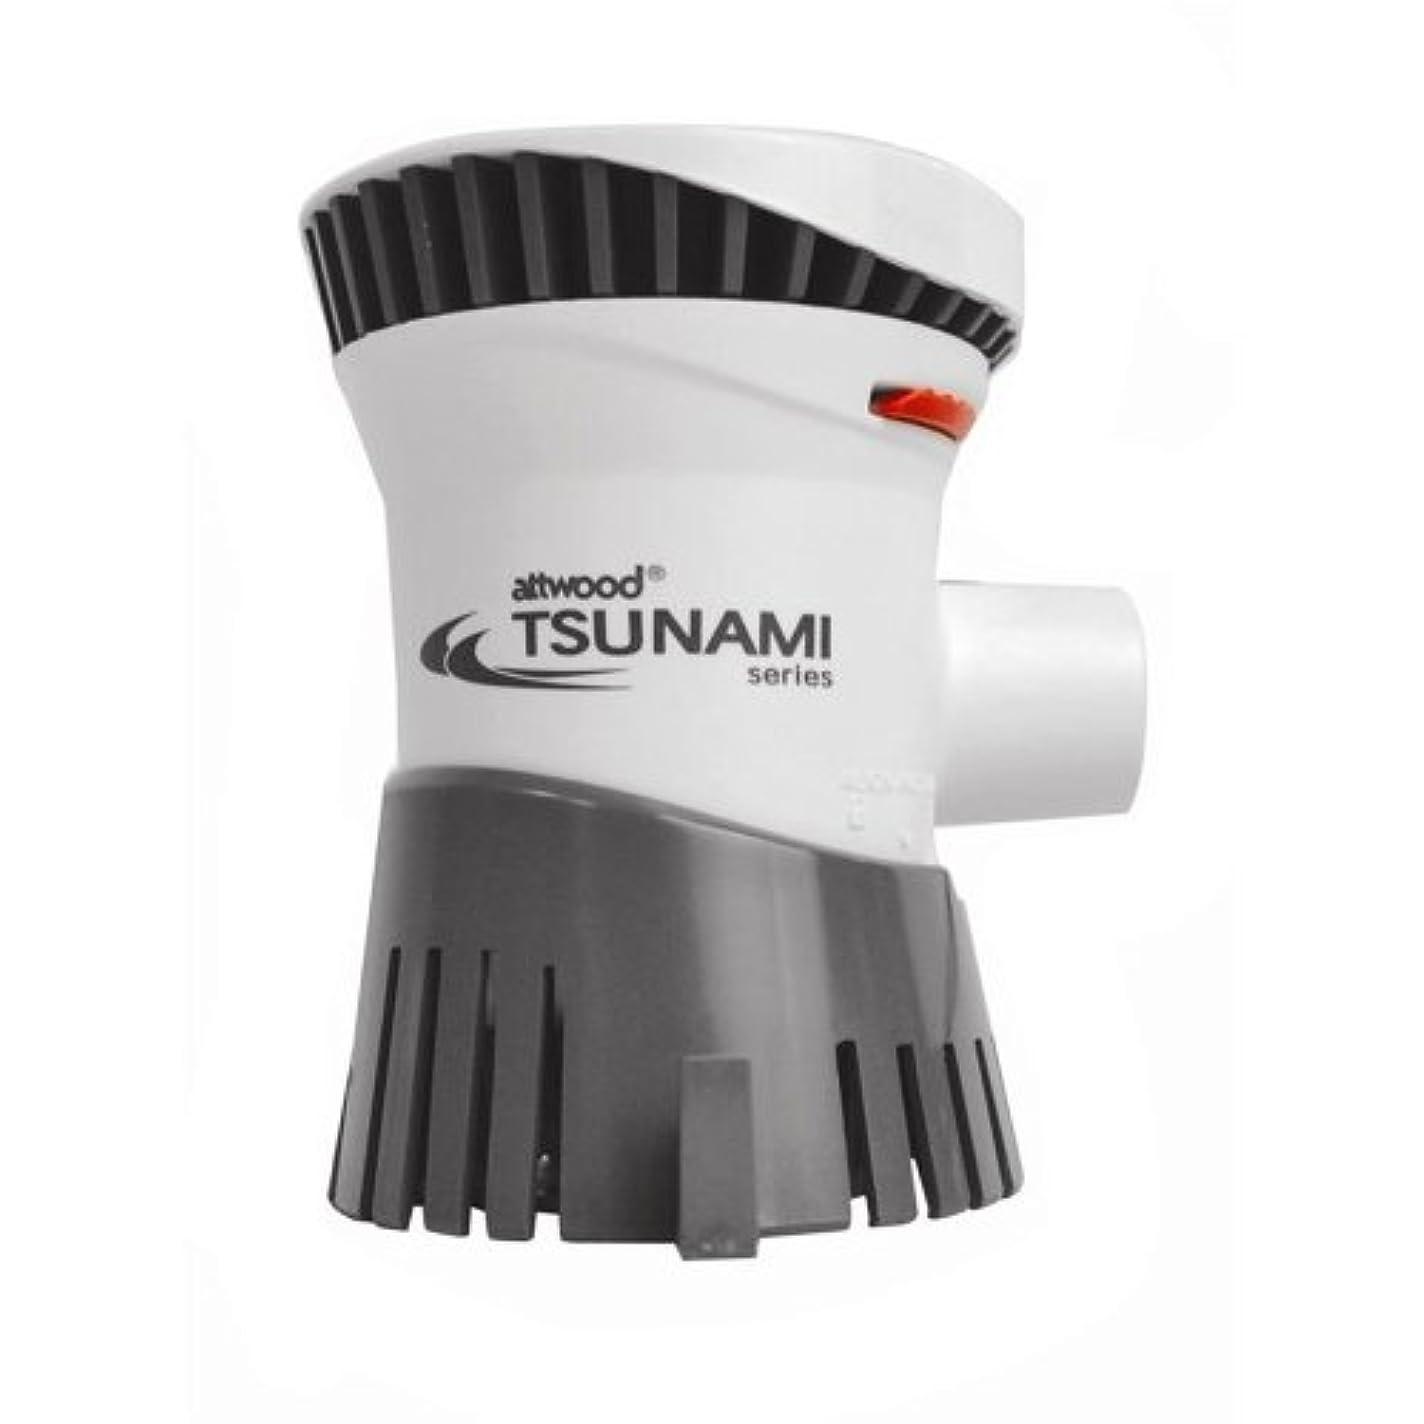 名前を作る行商人外側ATTWOOD Tsunamiビルジポンプ Q8T-KAZ-010-003 T1200 ポンプ 電装品